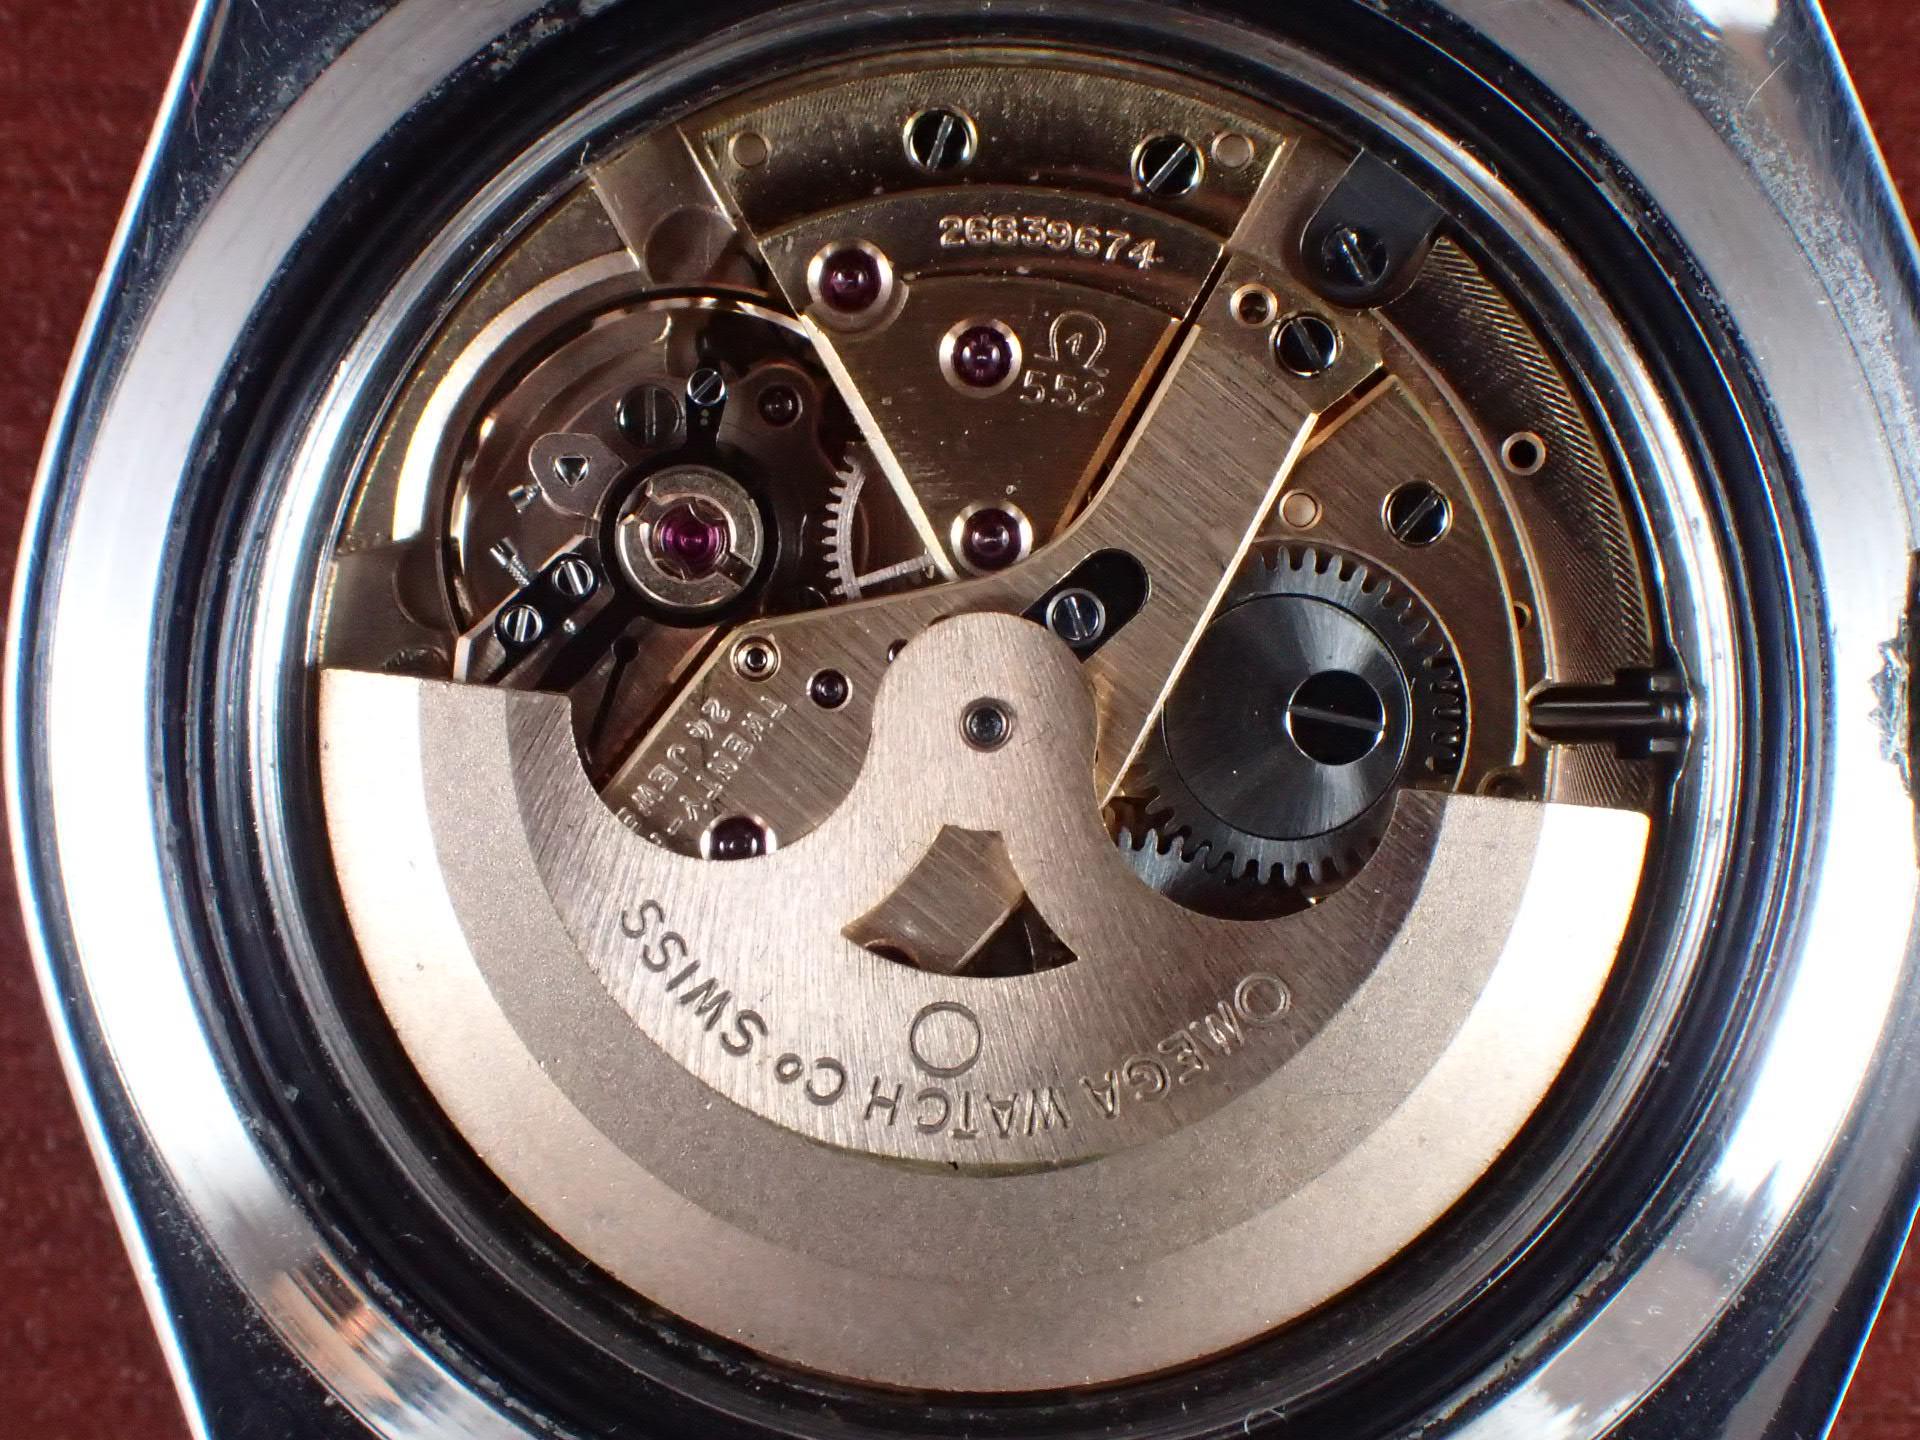 オメガ シーマスター300 ビッグトライアングル Ref.165.024 1960年代の写真5枚目